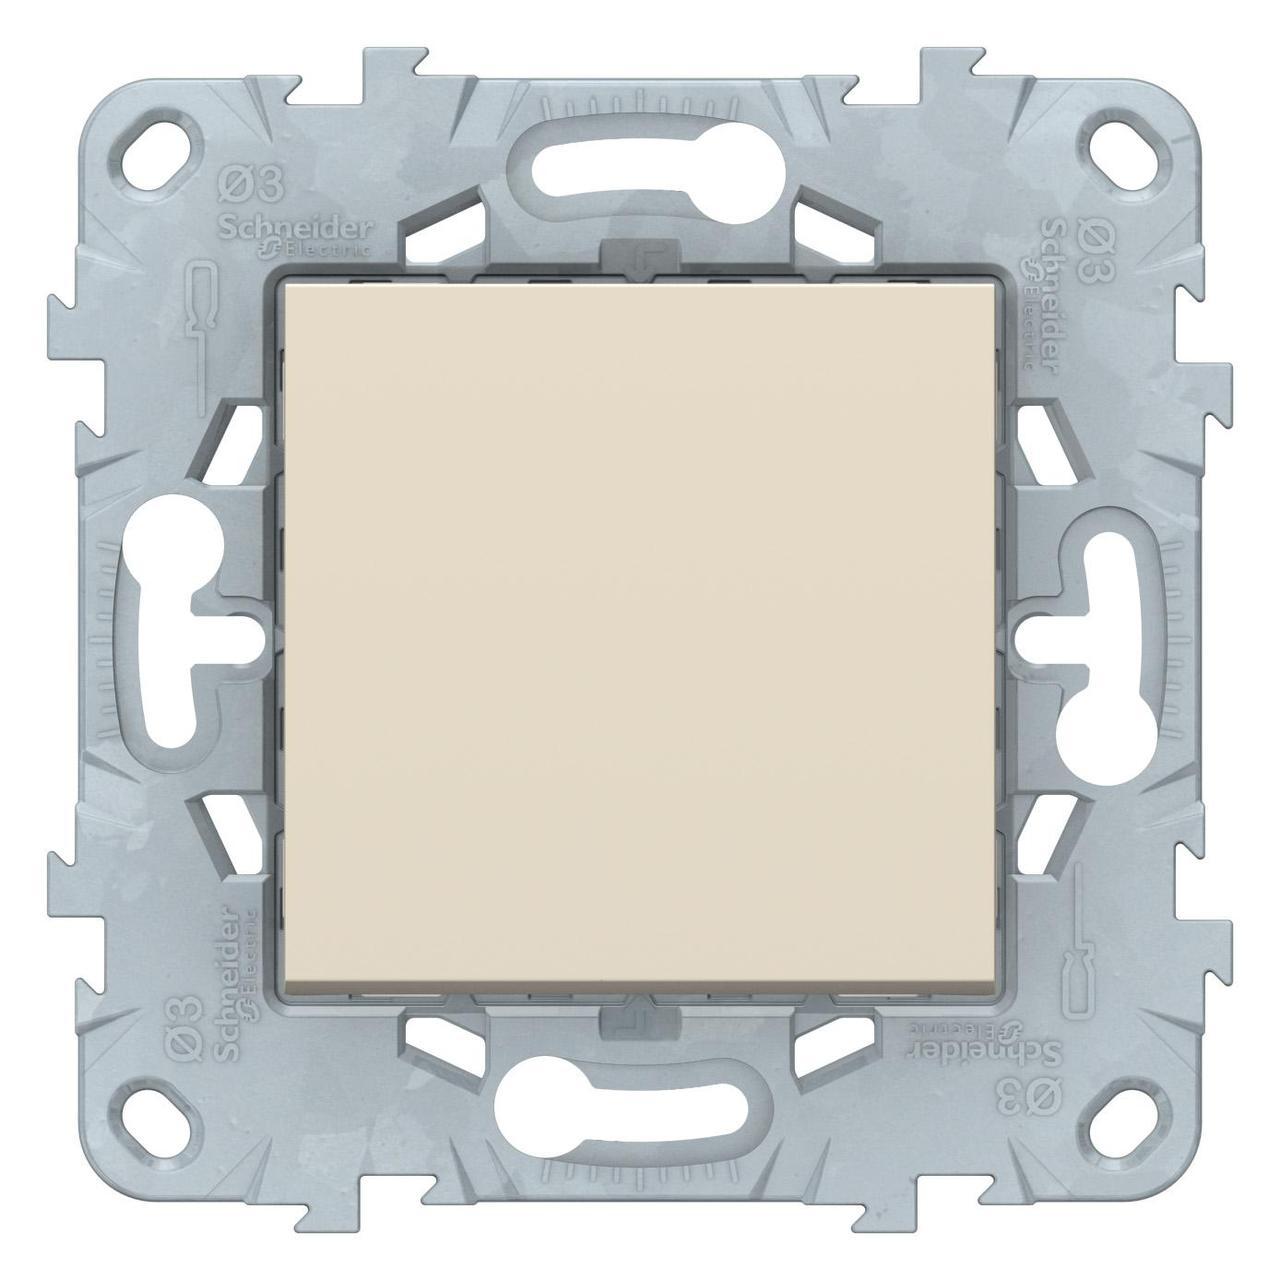 Выключатель 1-клавишный; кнопочный , Бежевый, серия Unica New, Schneider Electric